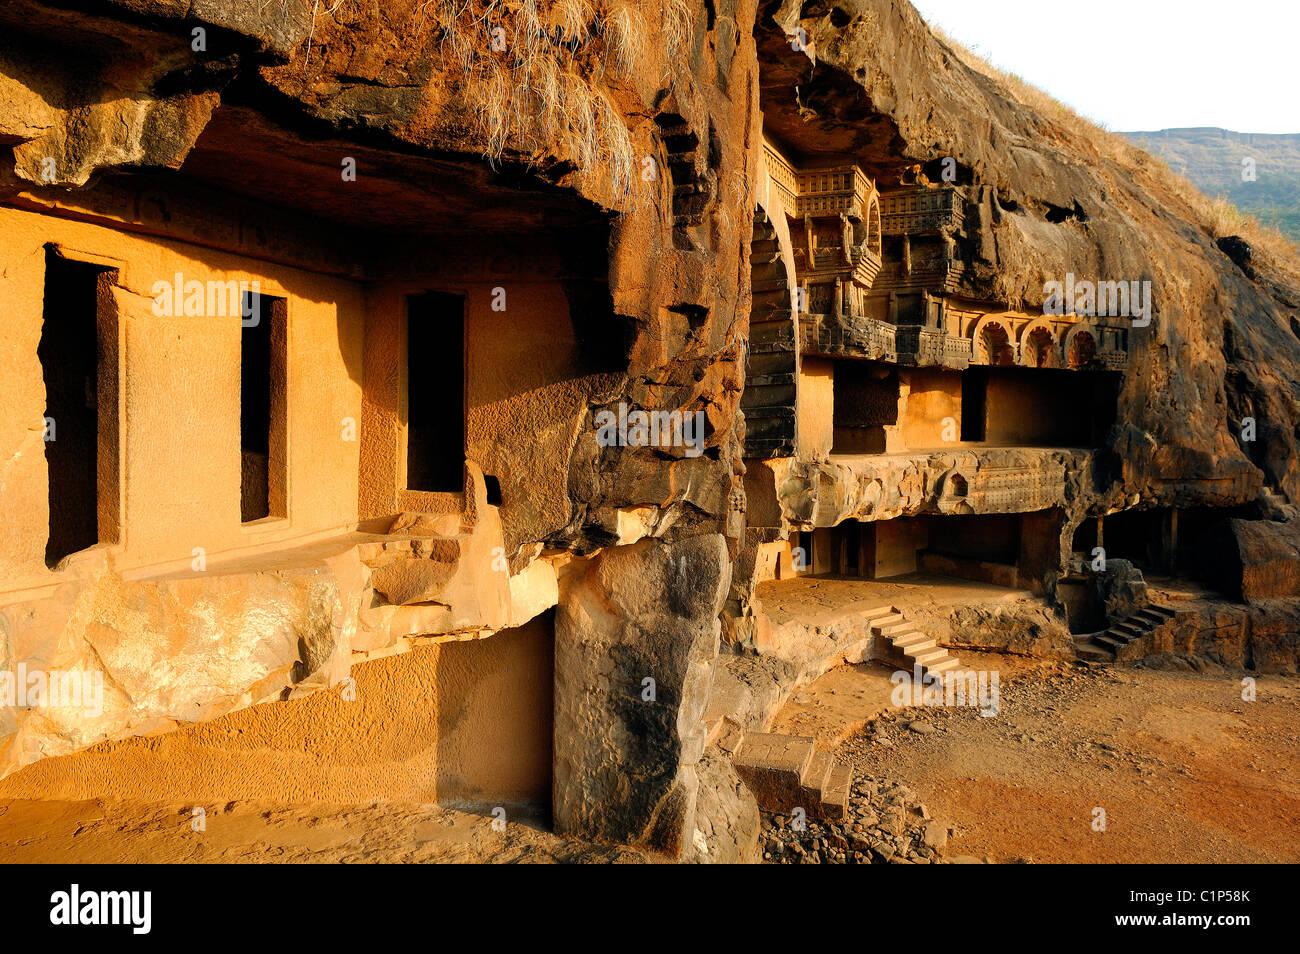 India, Karnataka, 2nd century BC Bhaja caves - Stock Image